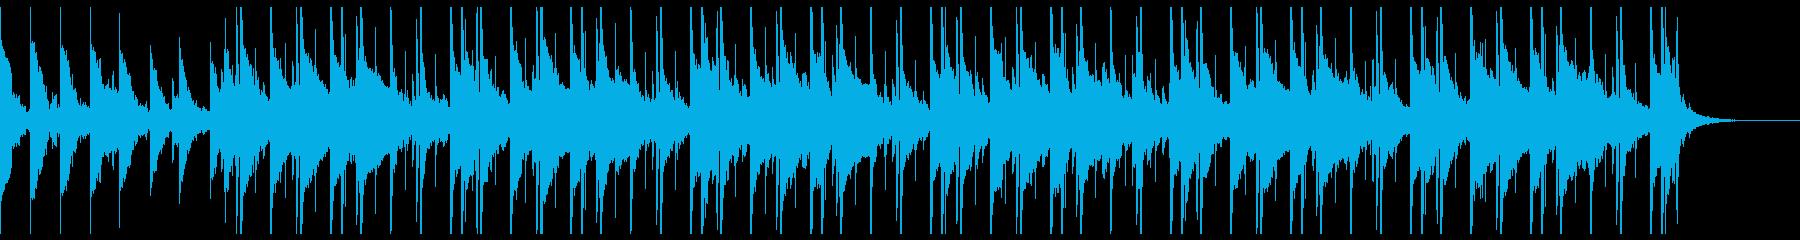 メロウビートとtoy pianoの再生済みの波形